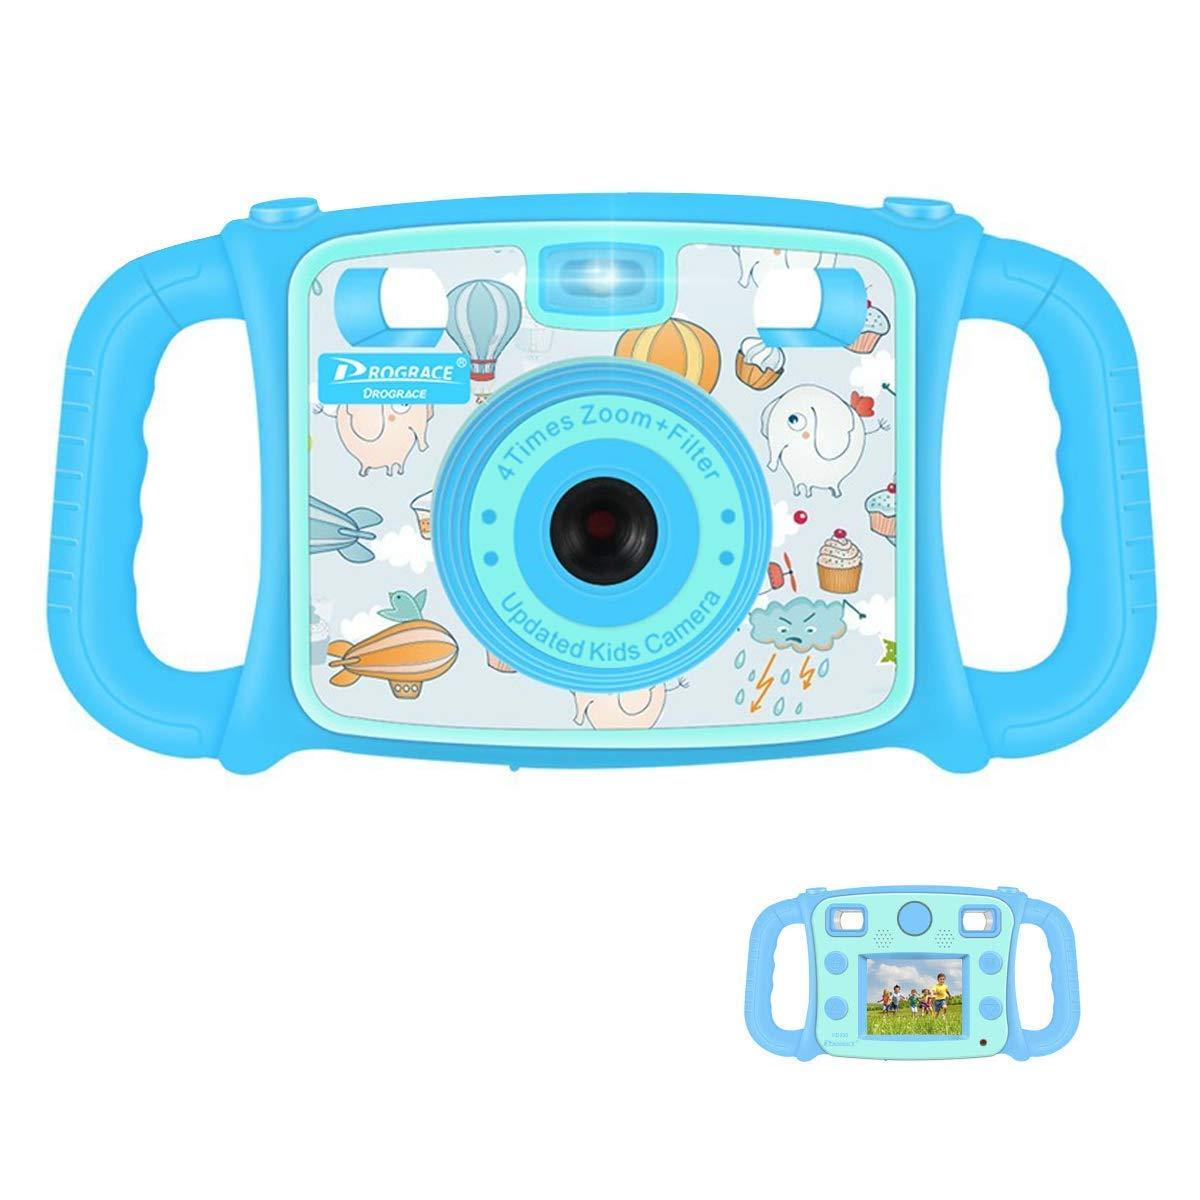 DROGRACE - Cámara Infantil con Zoom de 4 aumentos, 4 Niveles de Volumen y Asas de plástico ABS para niños y niñas